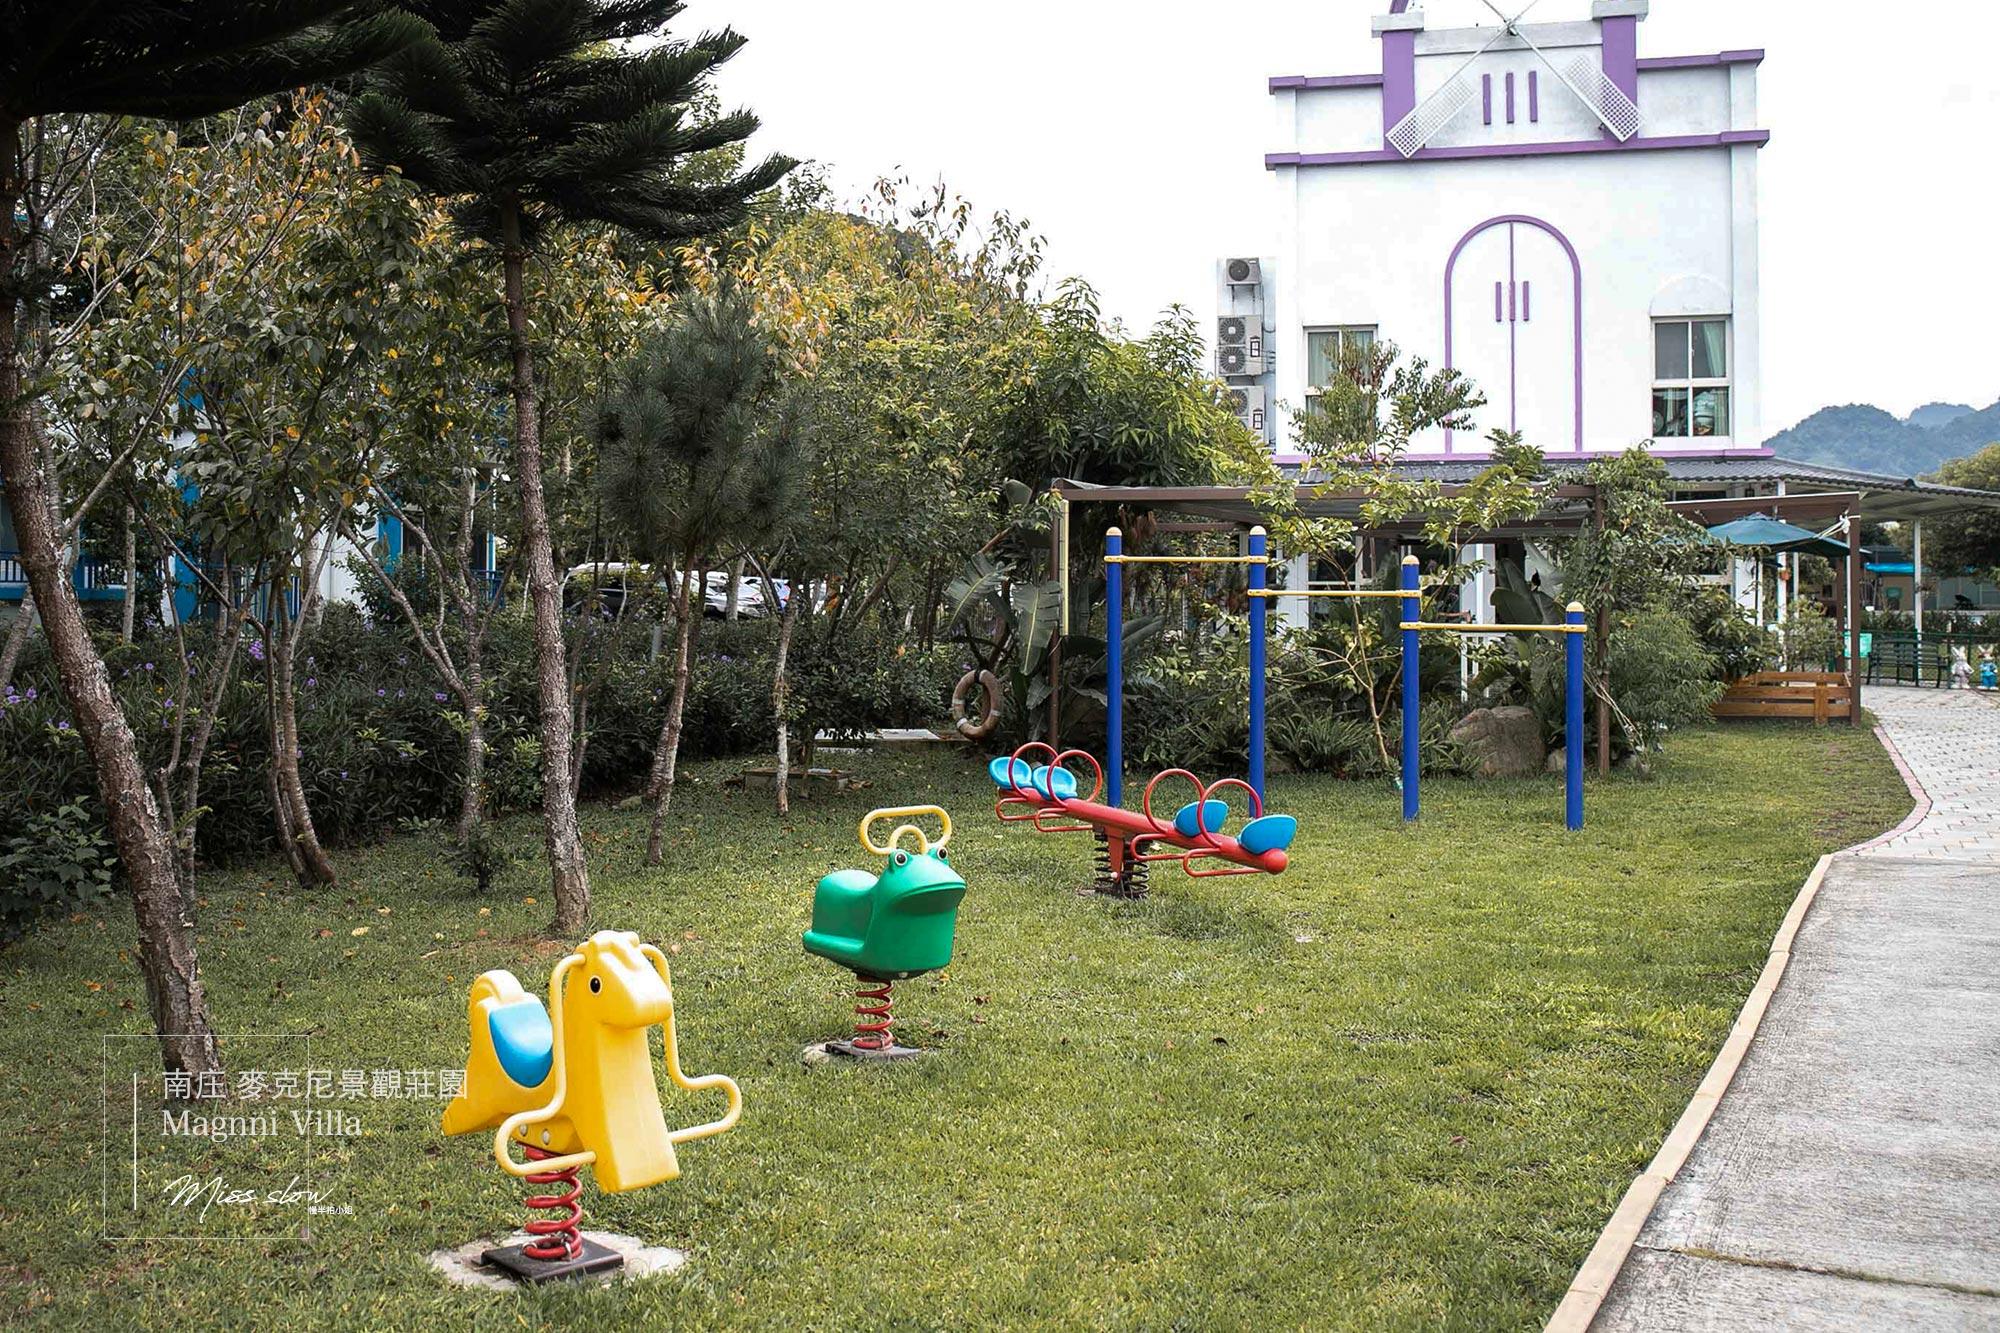 南庄麥克尼景觀莊園_兒童遊戲區